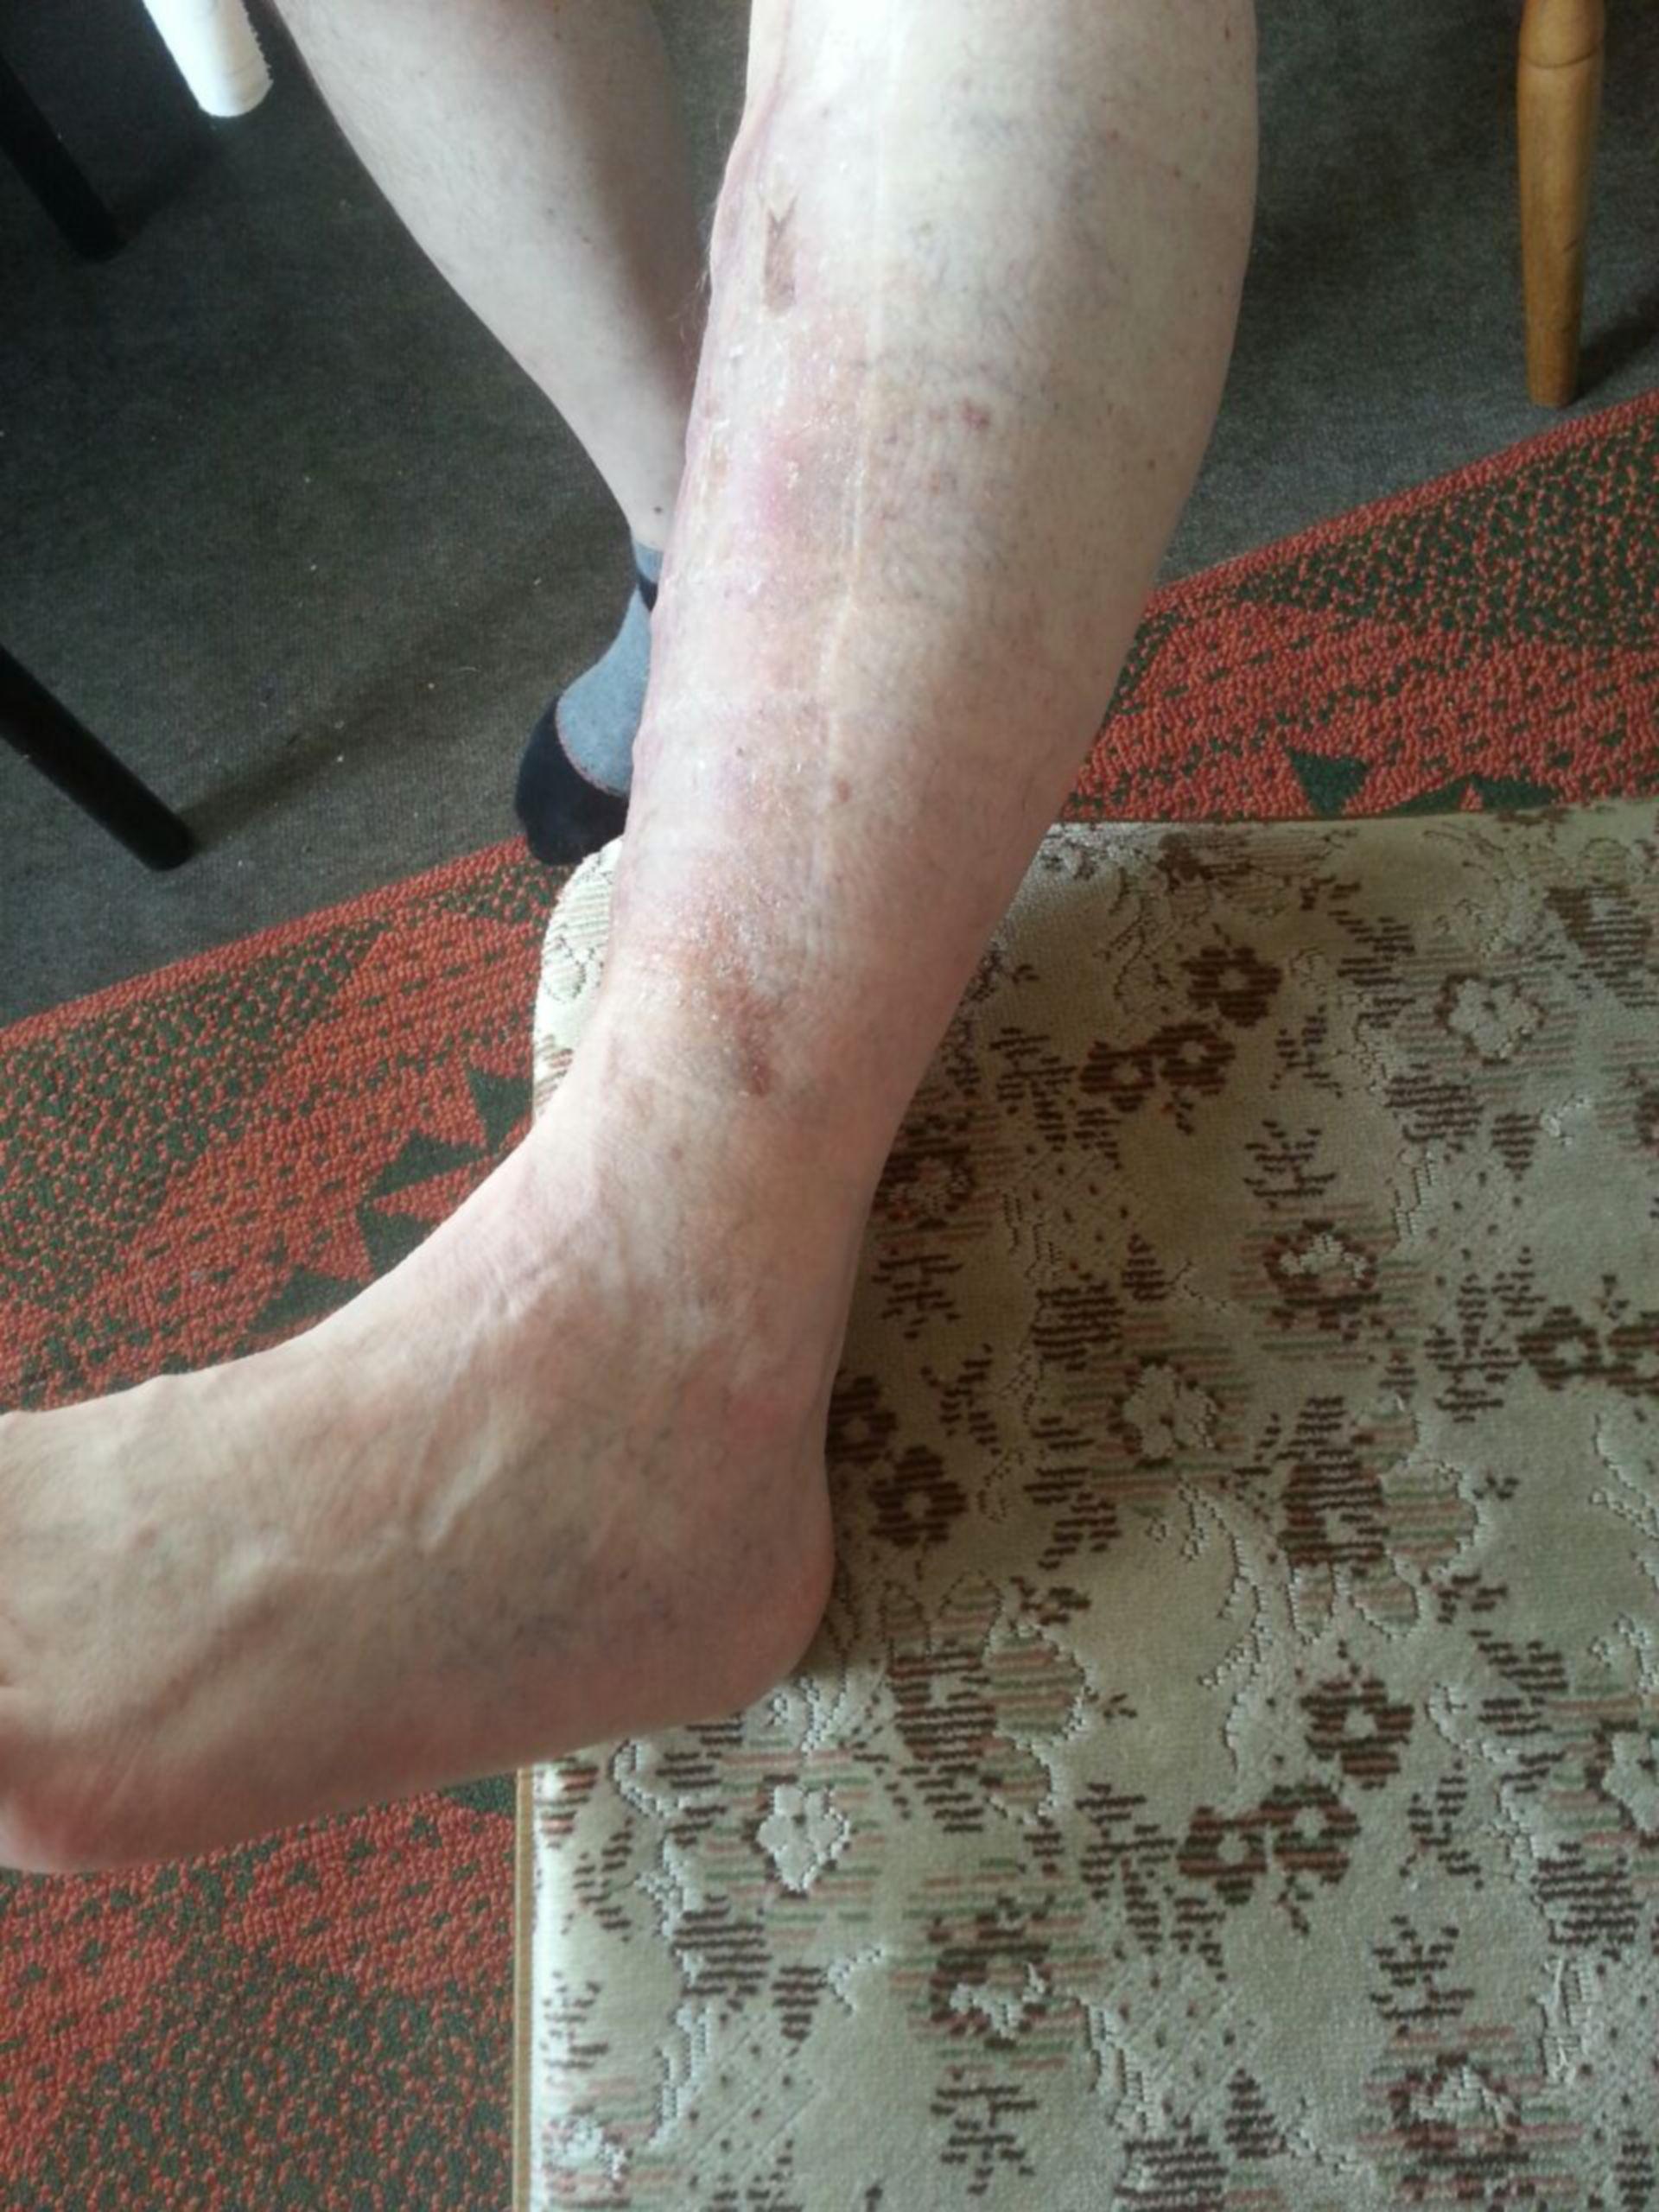 Úlcera de la pierna -20 años abierta: resultado ambulatorio (20)